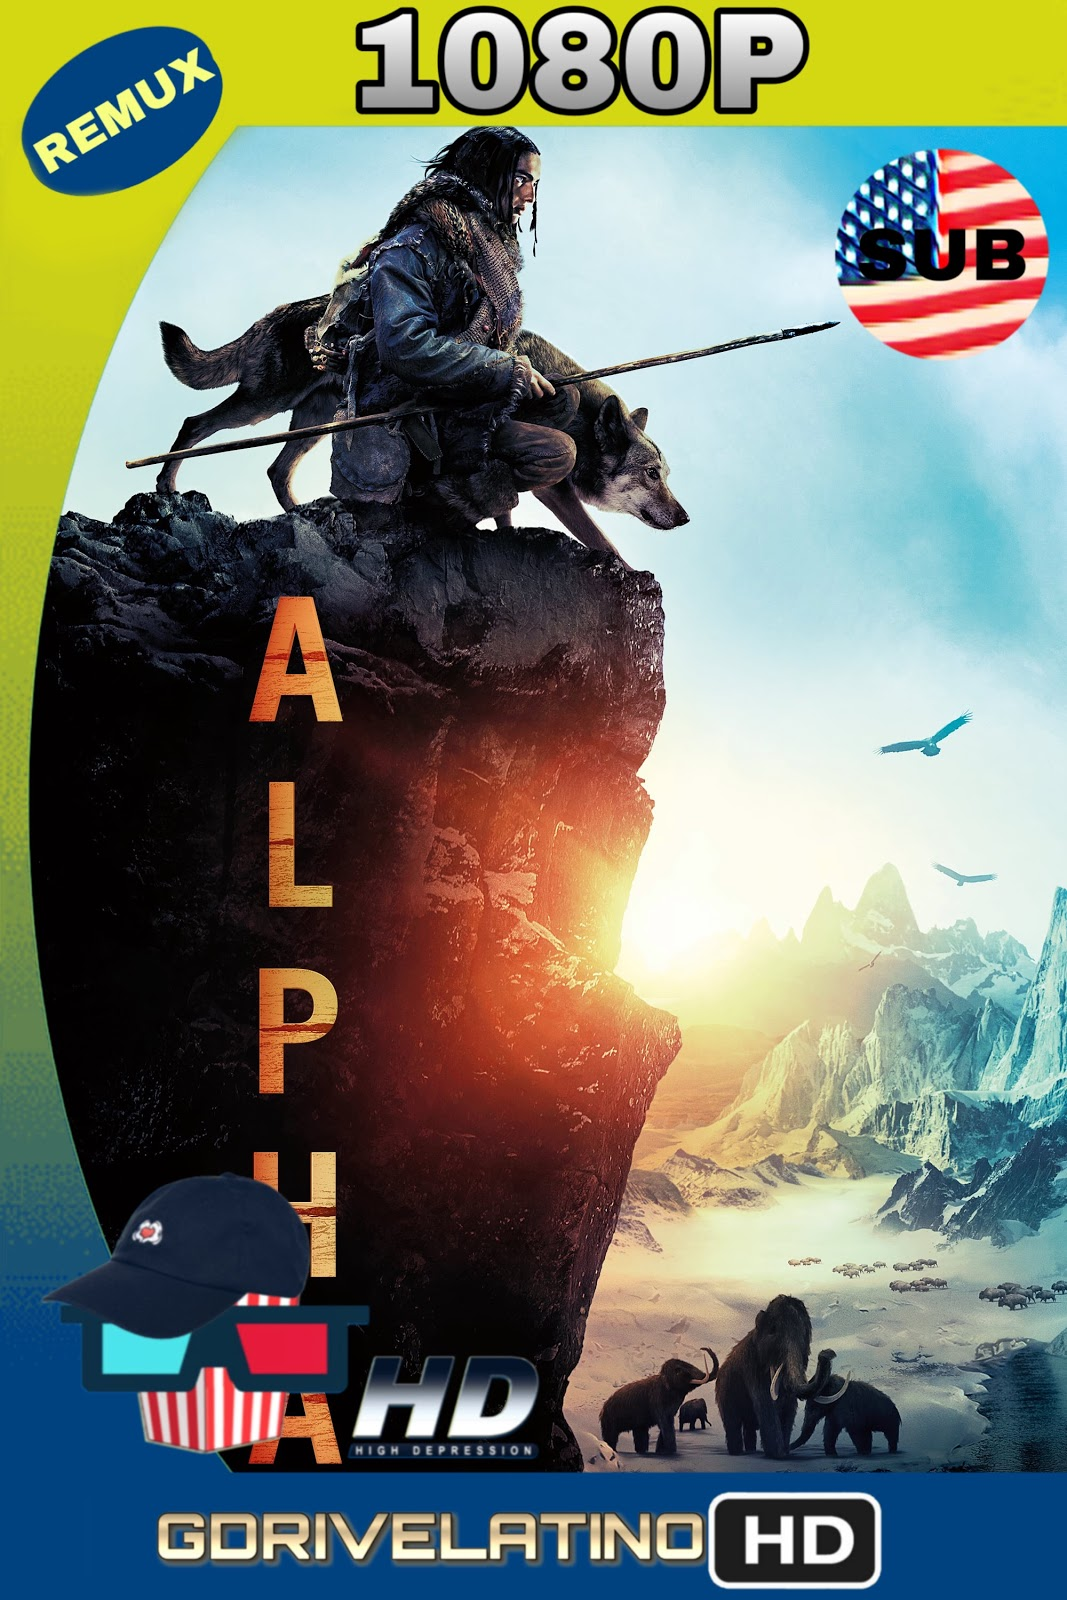 Alpha 2018 Ingles-SUBTITULADO BD-Remux 1080p HD MKV